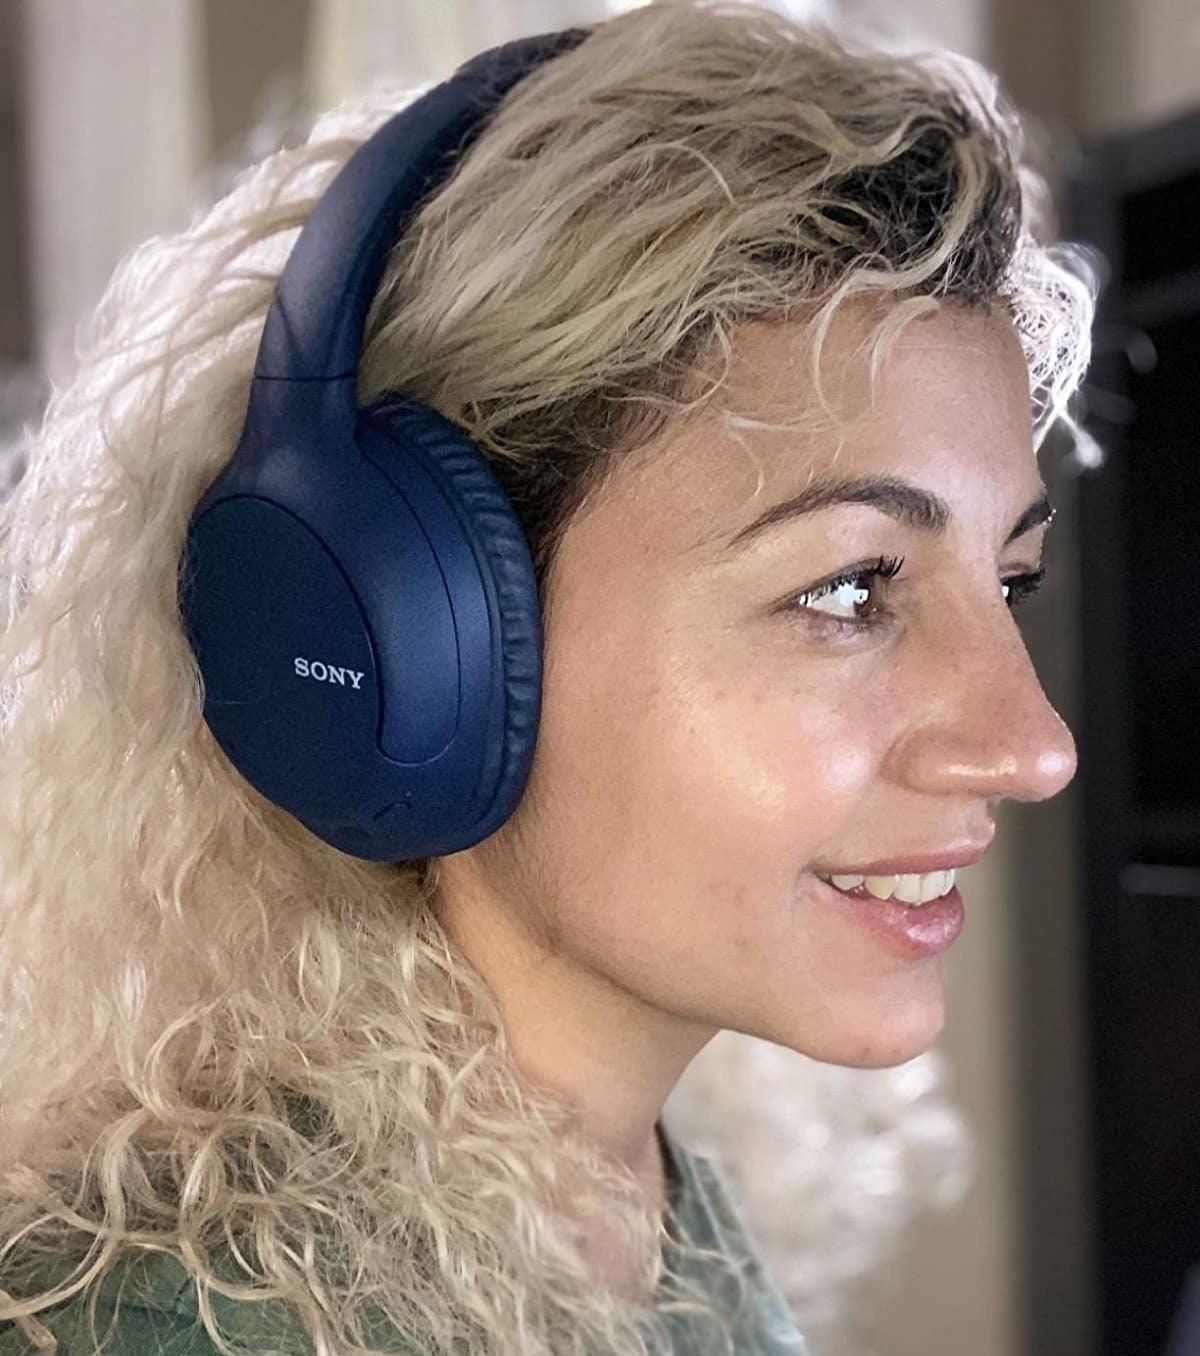 Reviewer is wearing dark blue headphones